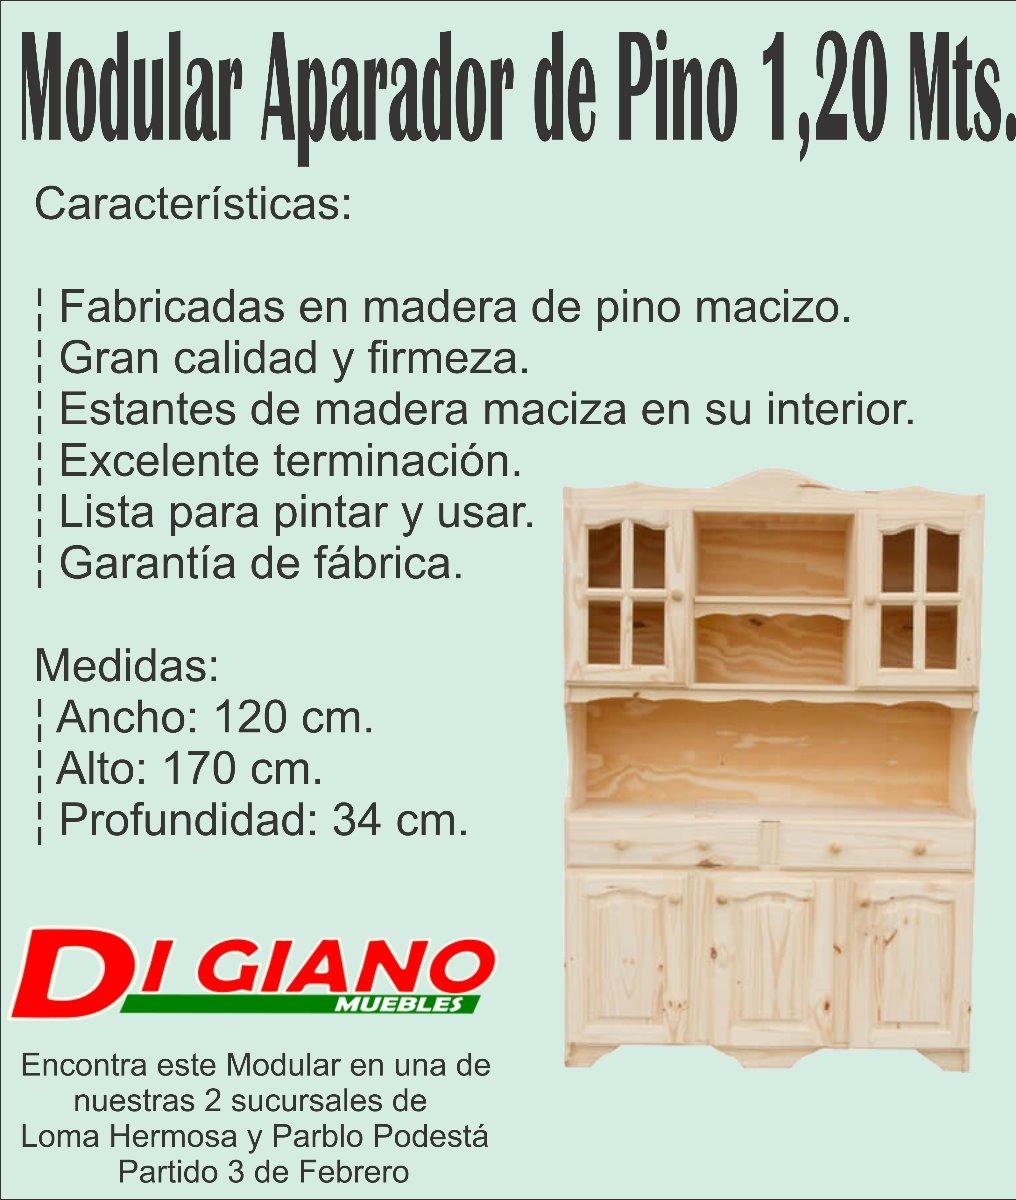 Muebles Digiano - Modular Aparado De Pino 1 20 Mts Pino 2 449 00 En Mercado Libre[mjhdah]http://tranerlogic.com.ar/descripcionplus.png